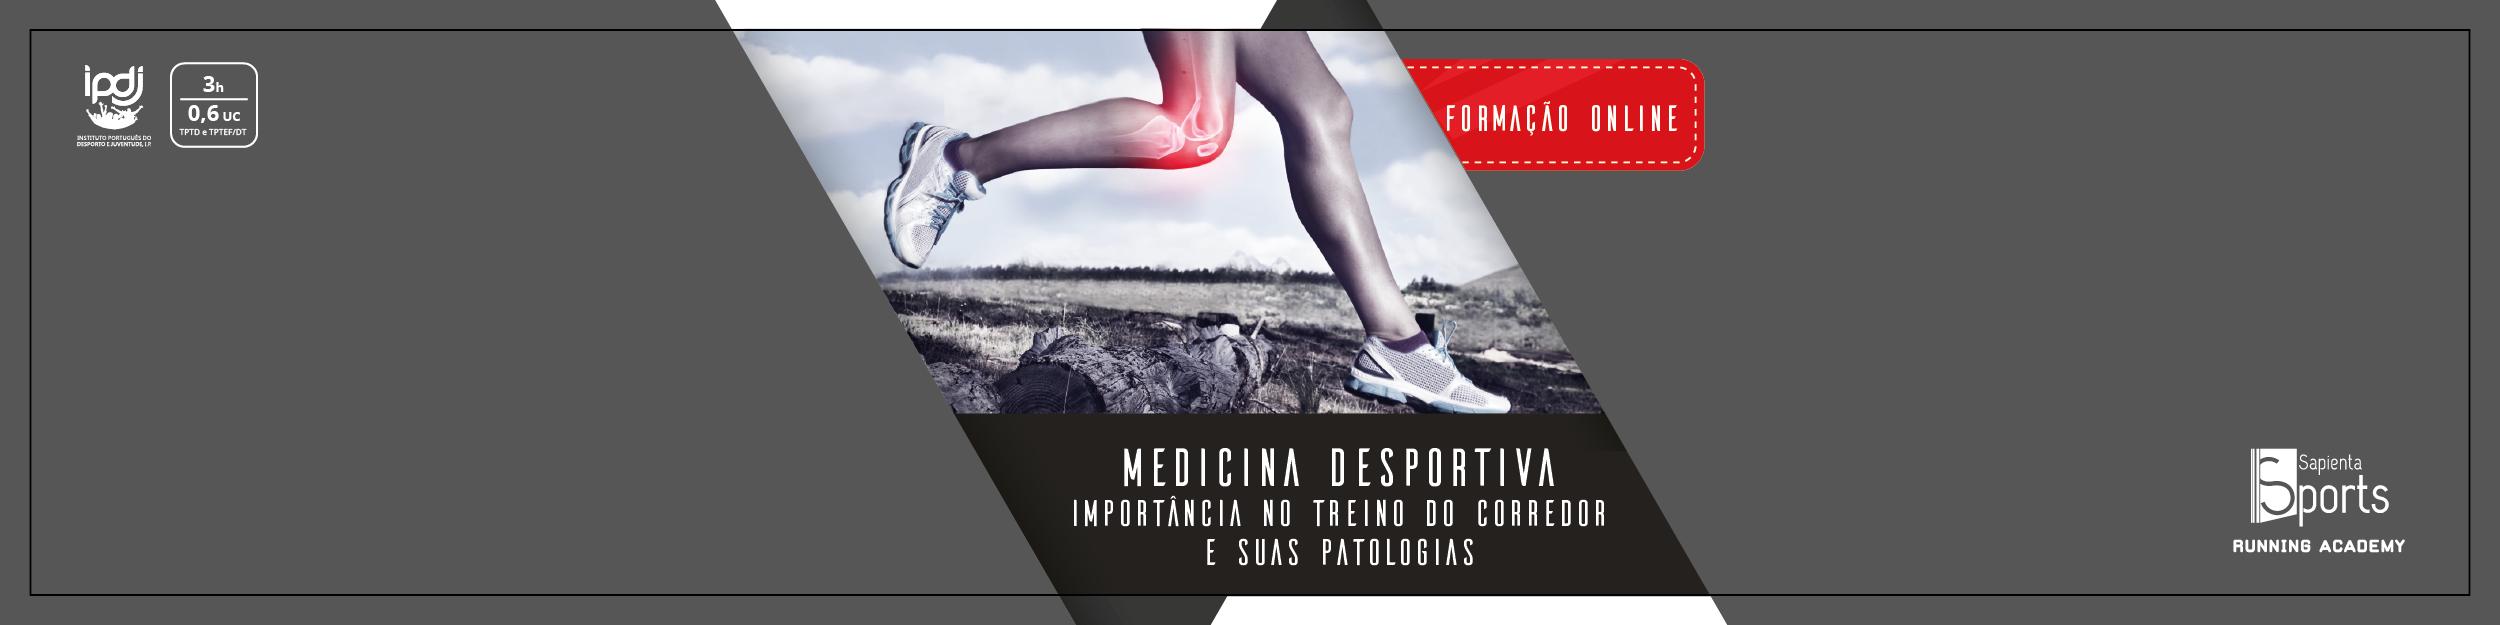 Medicina Desportiva | A importância no treino do corredor e suas patologias